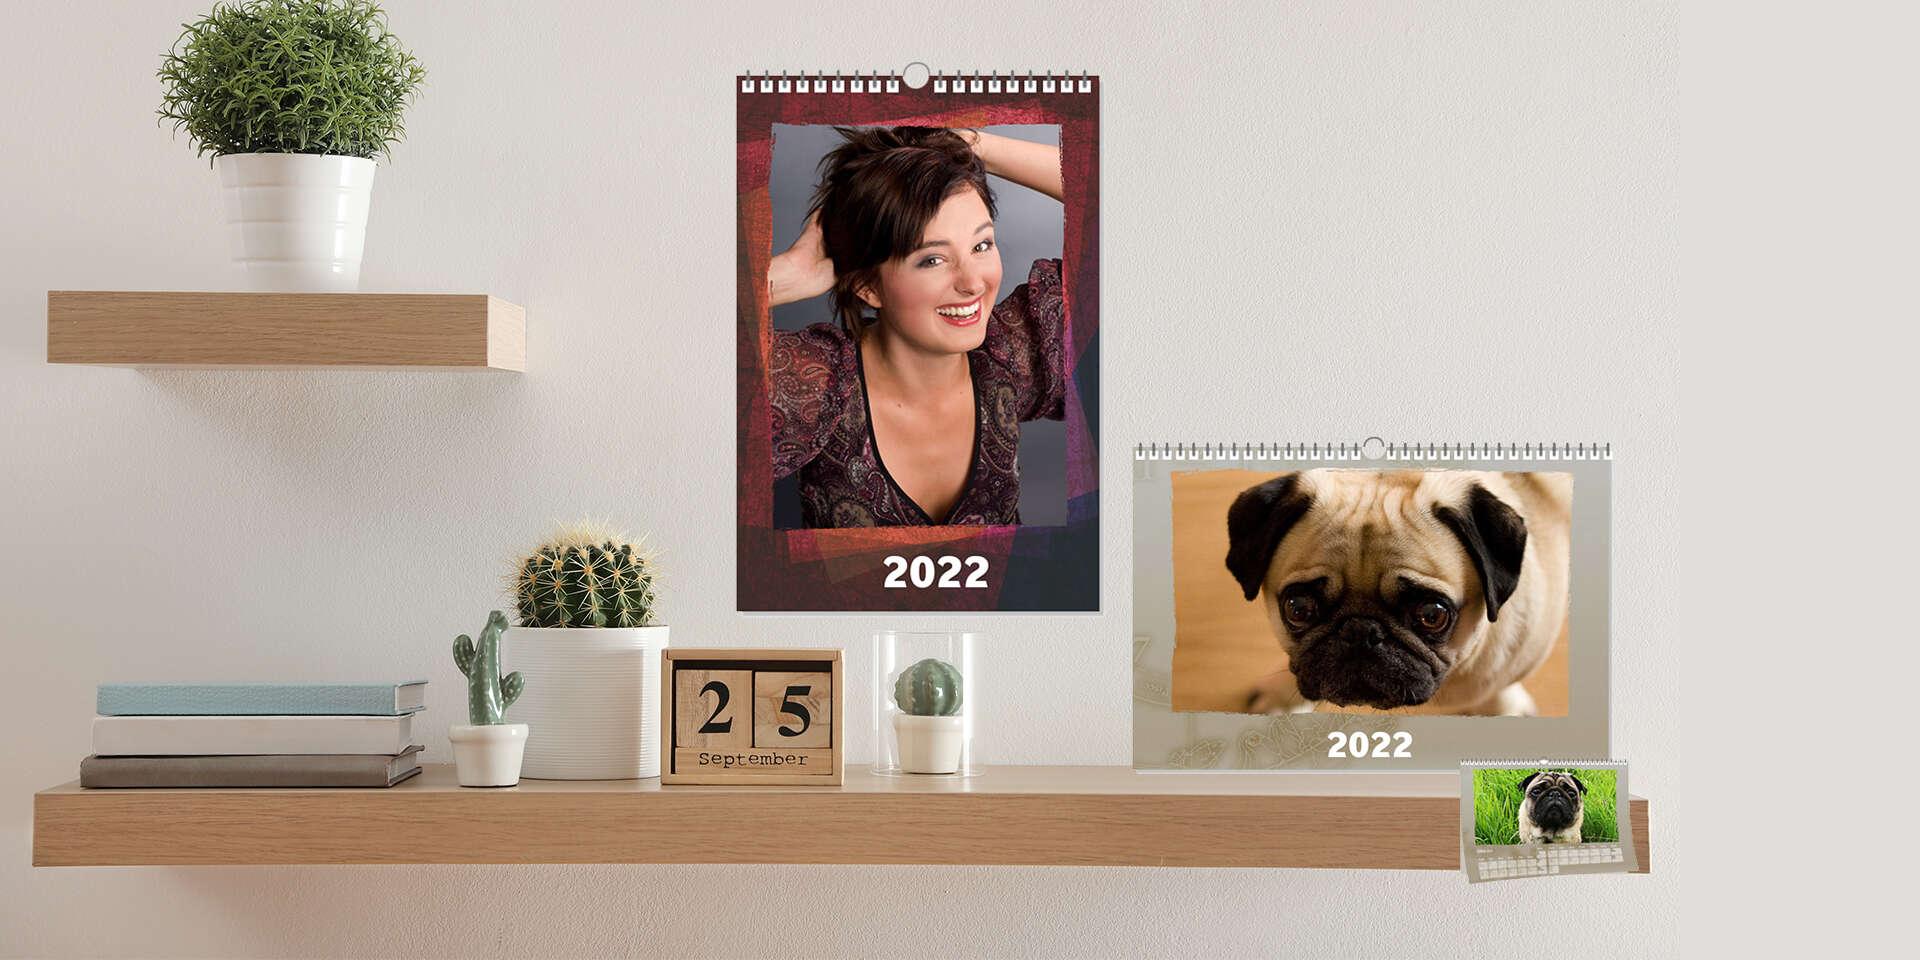 Nástenný fotokalendár 2022 z vašich najkrajších záberov + darček ku každej objednávke pexeso z vlastných fotografií